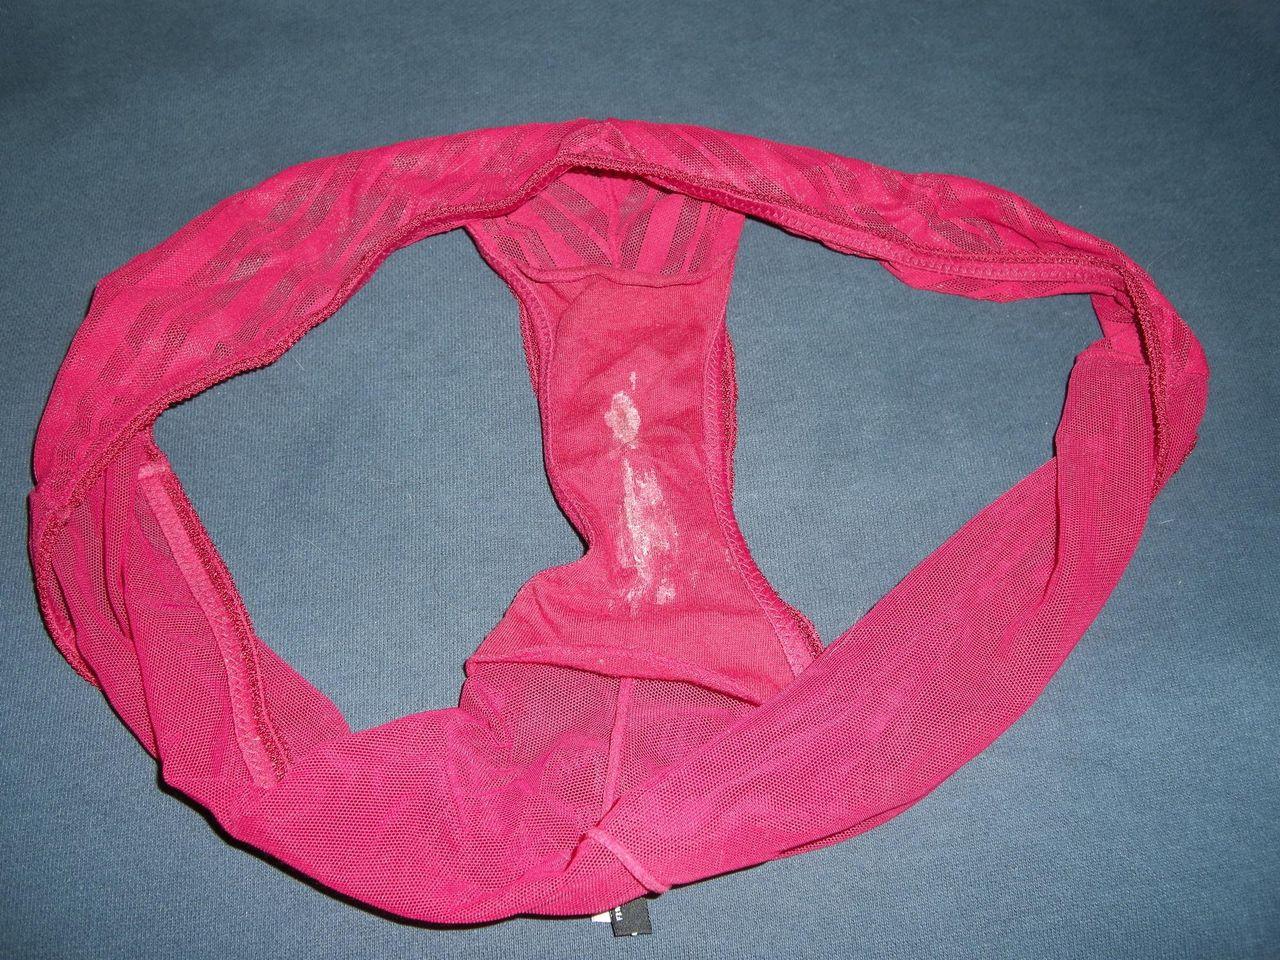 洗濯前下着のクロッチが汚れて匂う盗撮のエロ画像8枚目